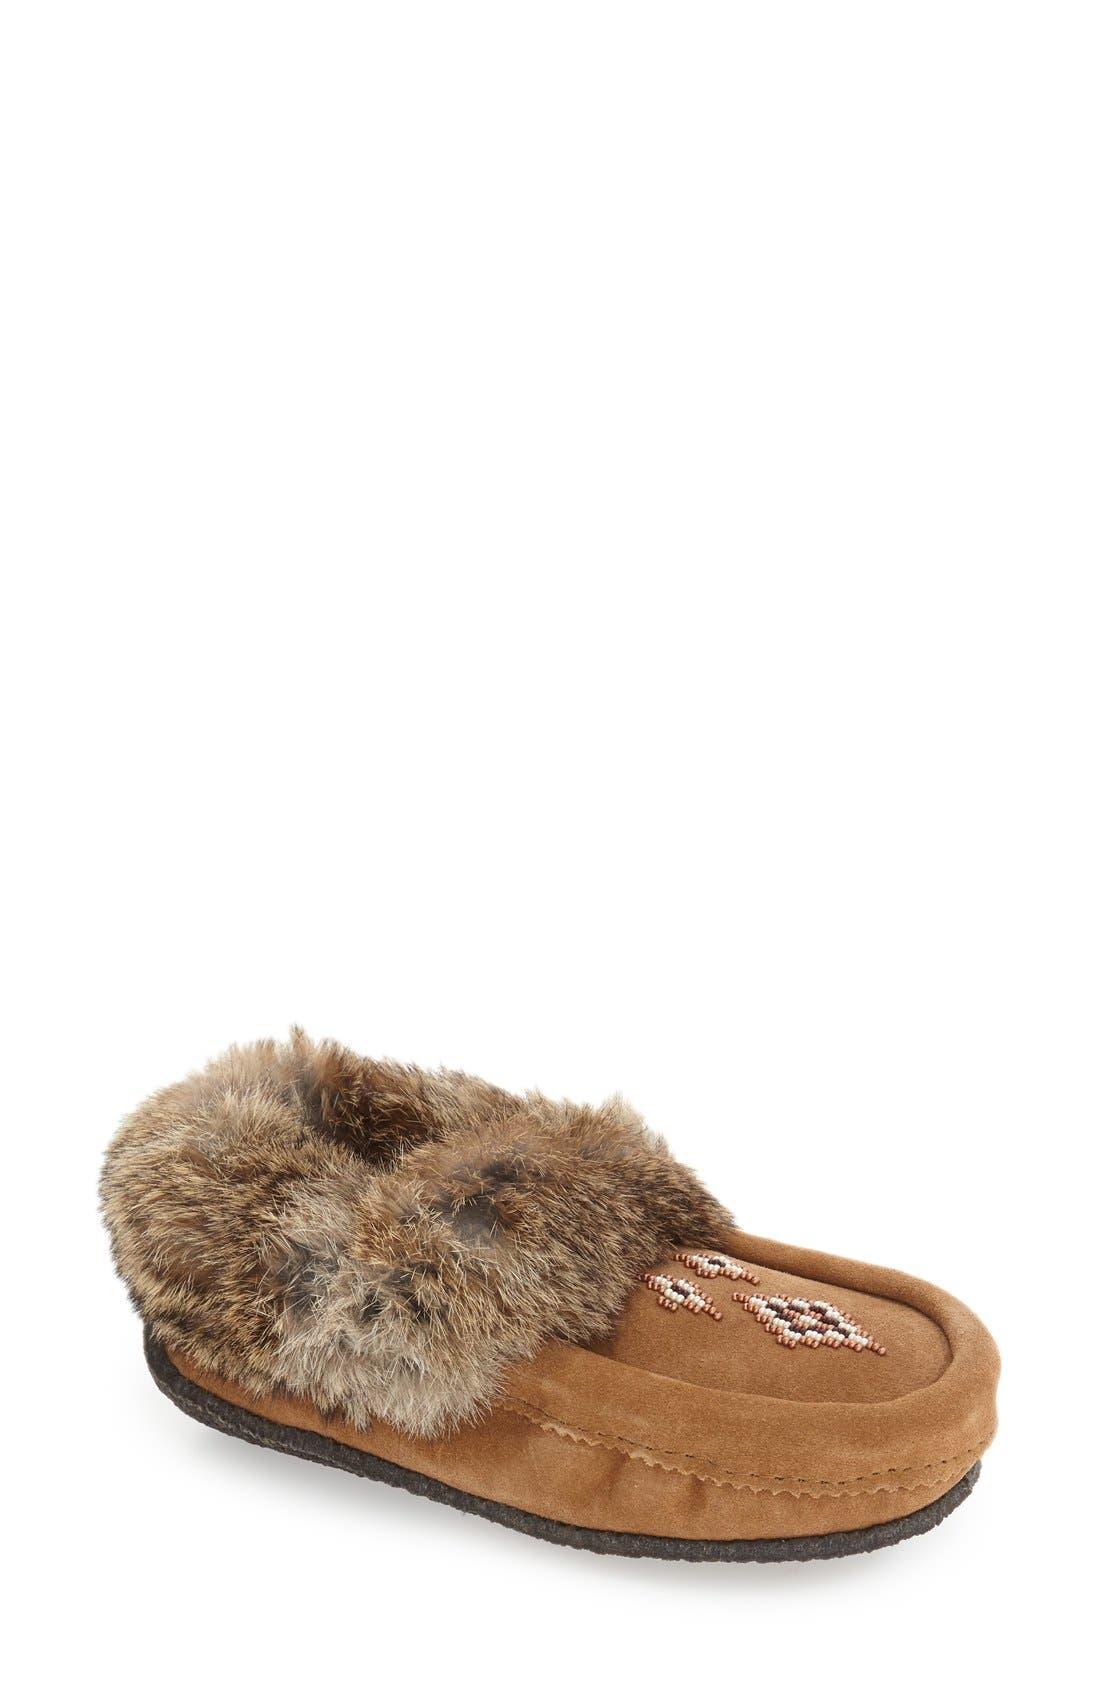 Genuine Shearling and Rabbit Fur Mukluk Slipper,                             Main thumbnail 1, color,                             Oak Rabbit Fur Suede